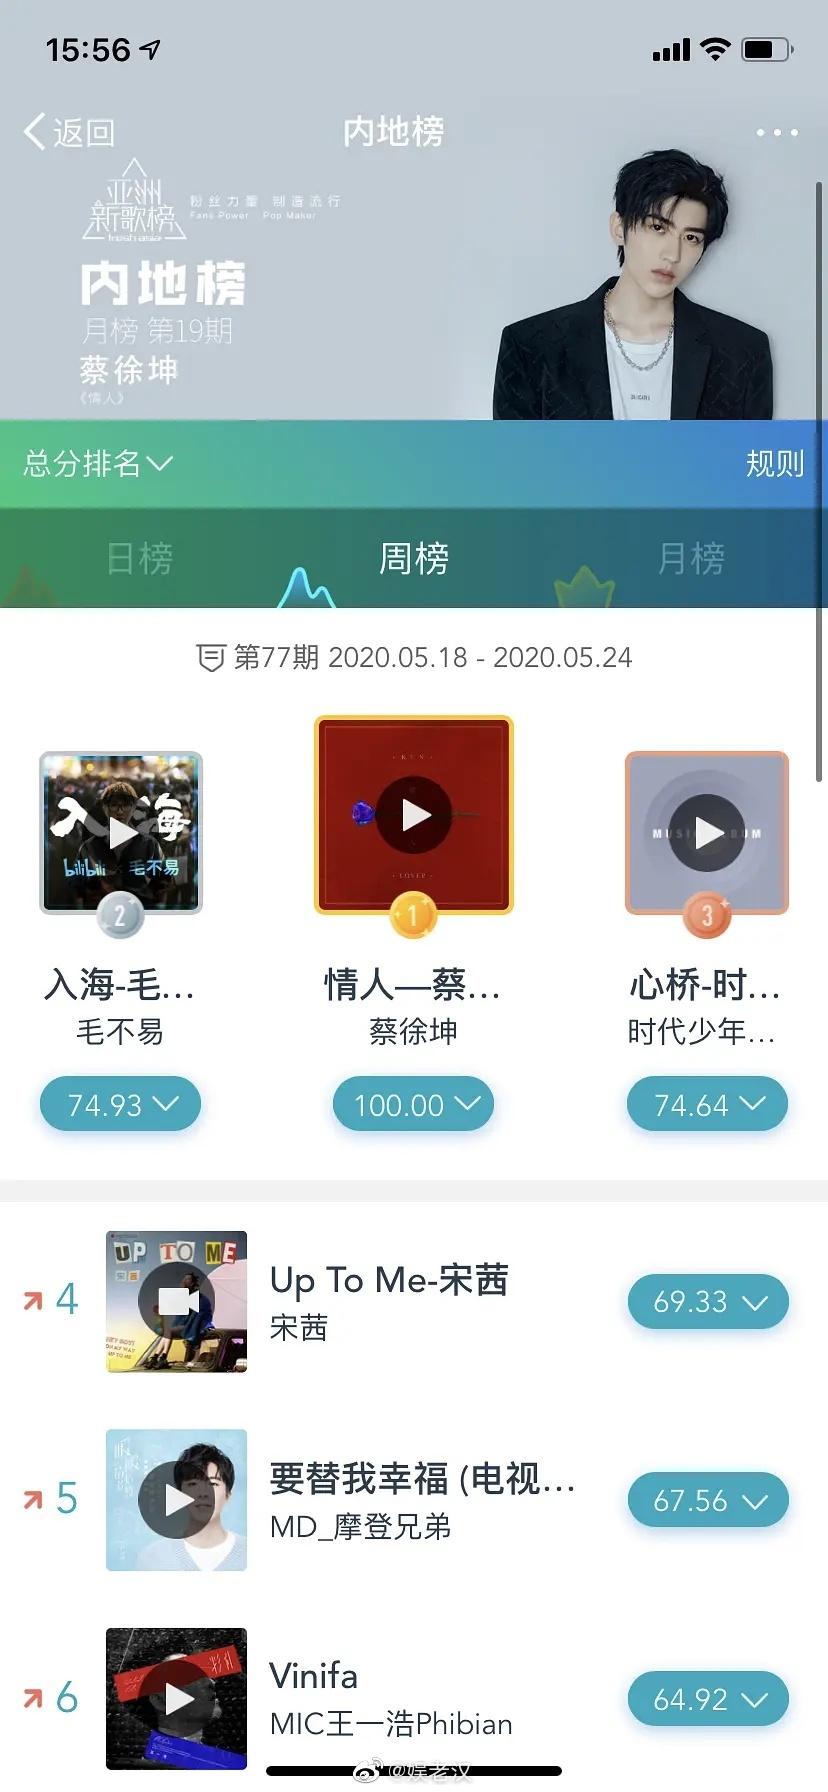 """蔡徐坤原创新歌《情人》继续登顶""""新一期亚洲新歌榜内地榜""""榜单TOP1"""